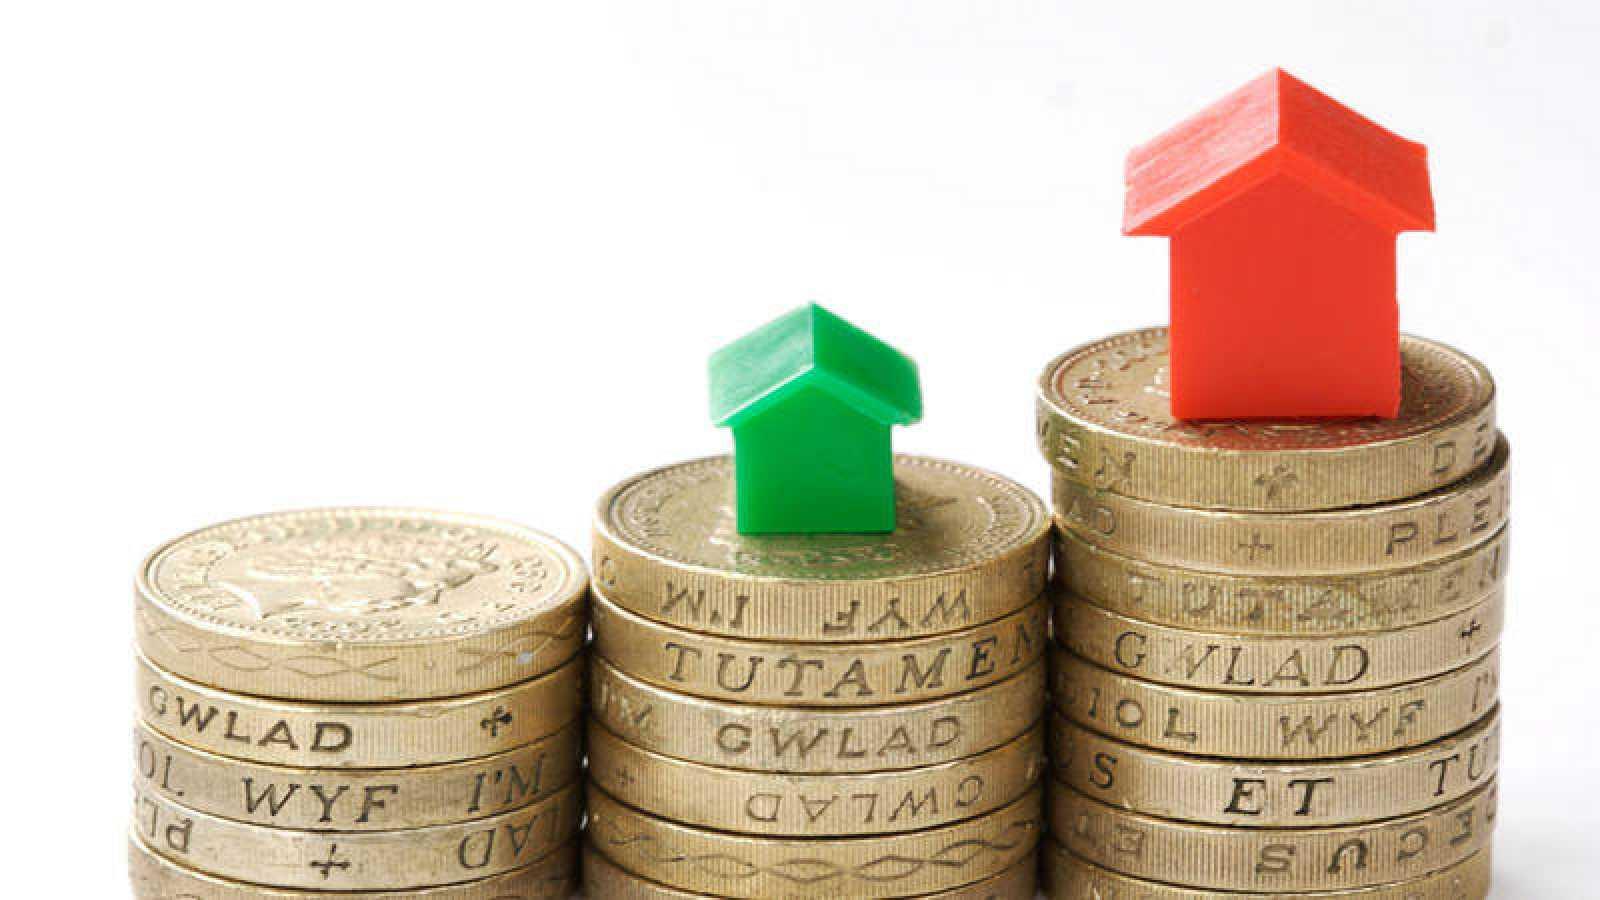 Flecha ascendente sobre monedas con ilustraciones de casas.